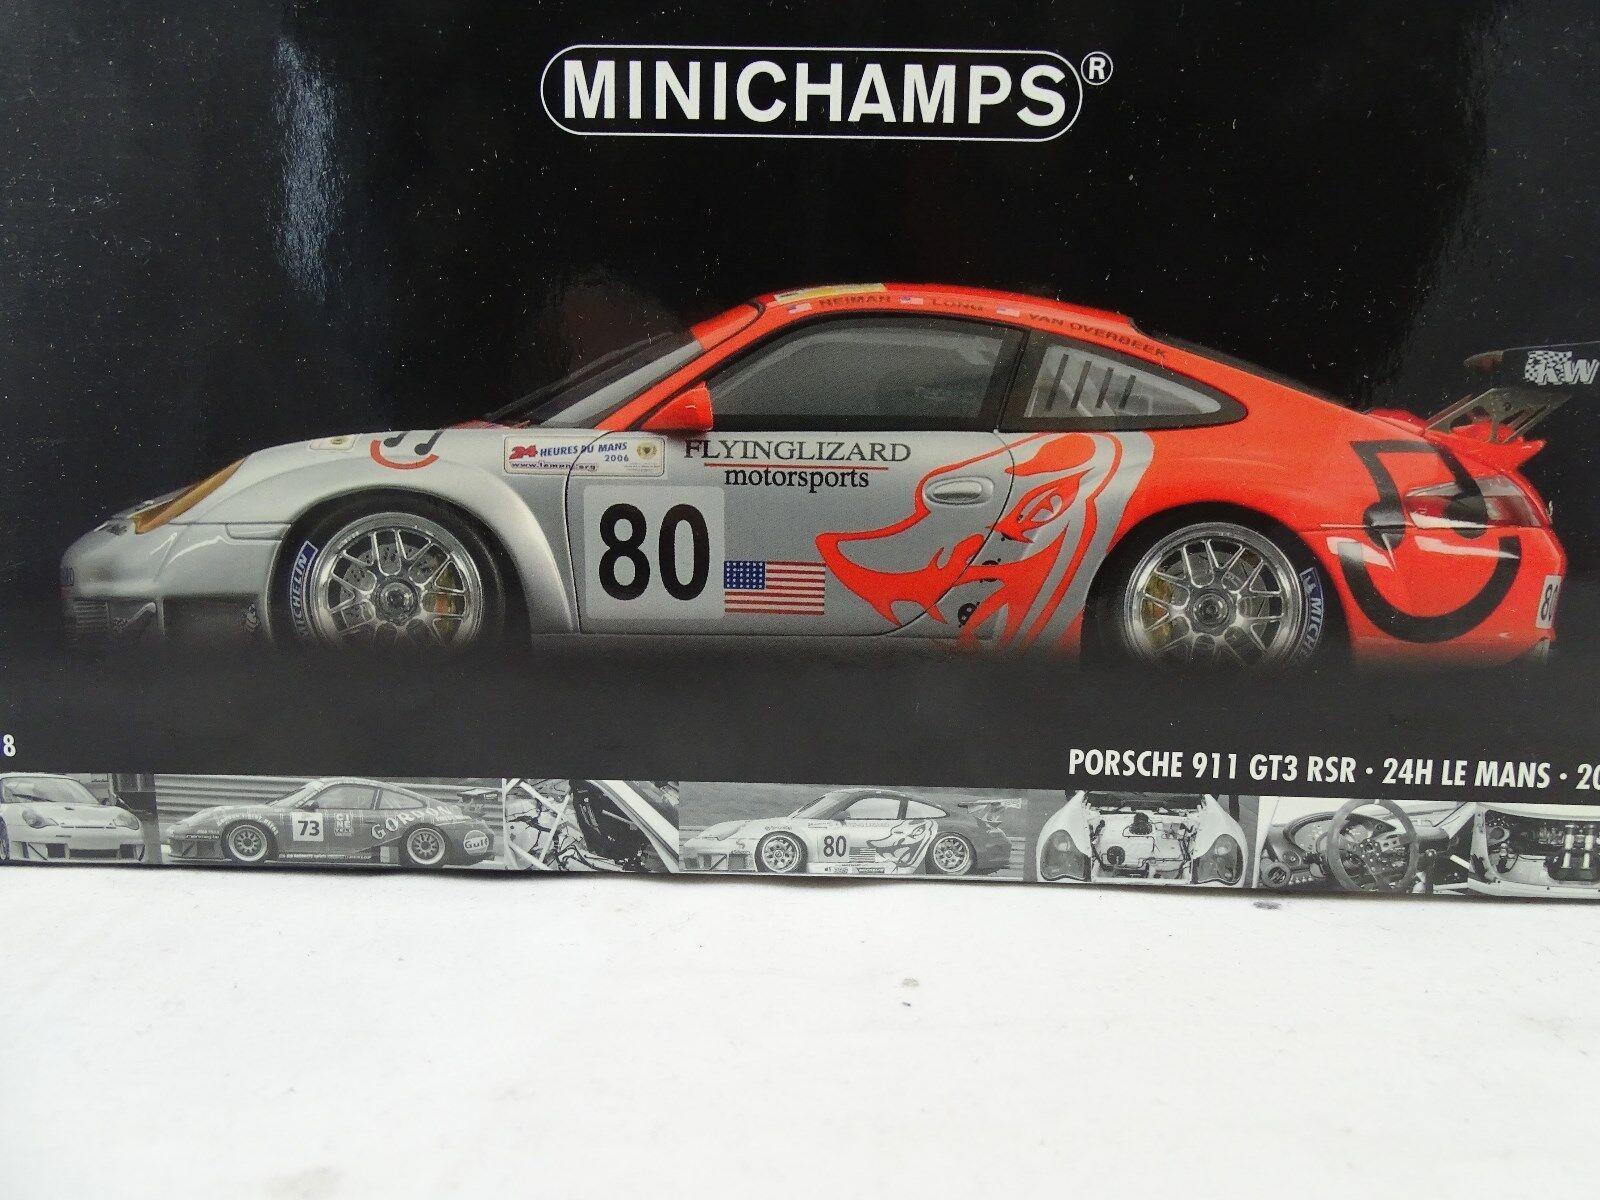 una marca di lusso 1 18 Minichamps  100066480 PORSCHE 911 911 911 gt3 RSR 24h Le uomos 2006  80 - rarità §  il più recente